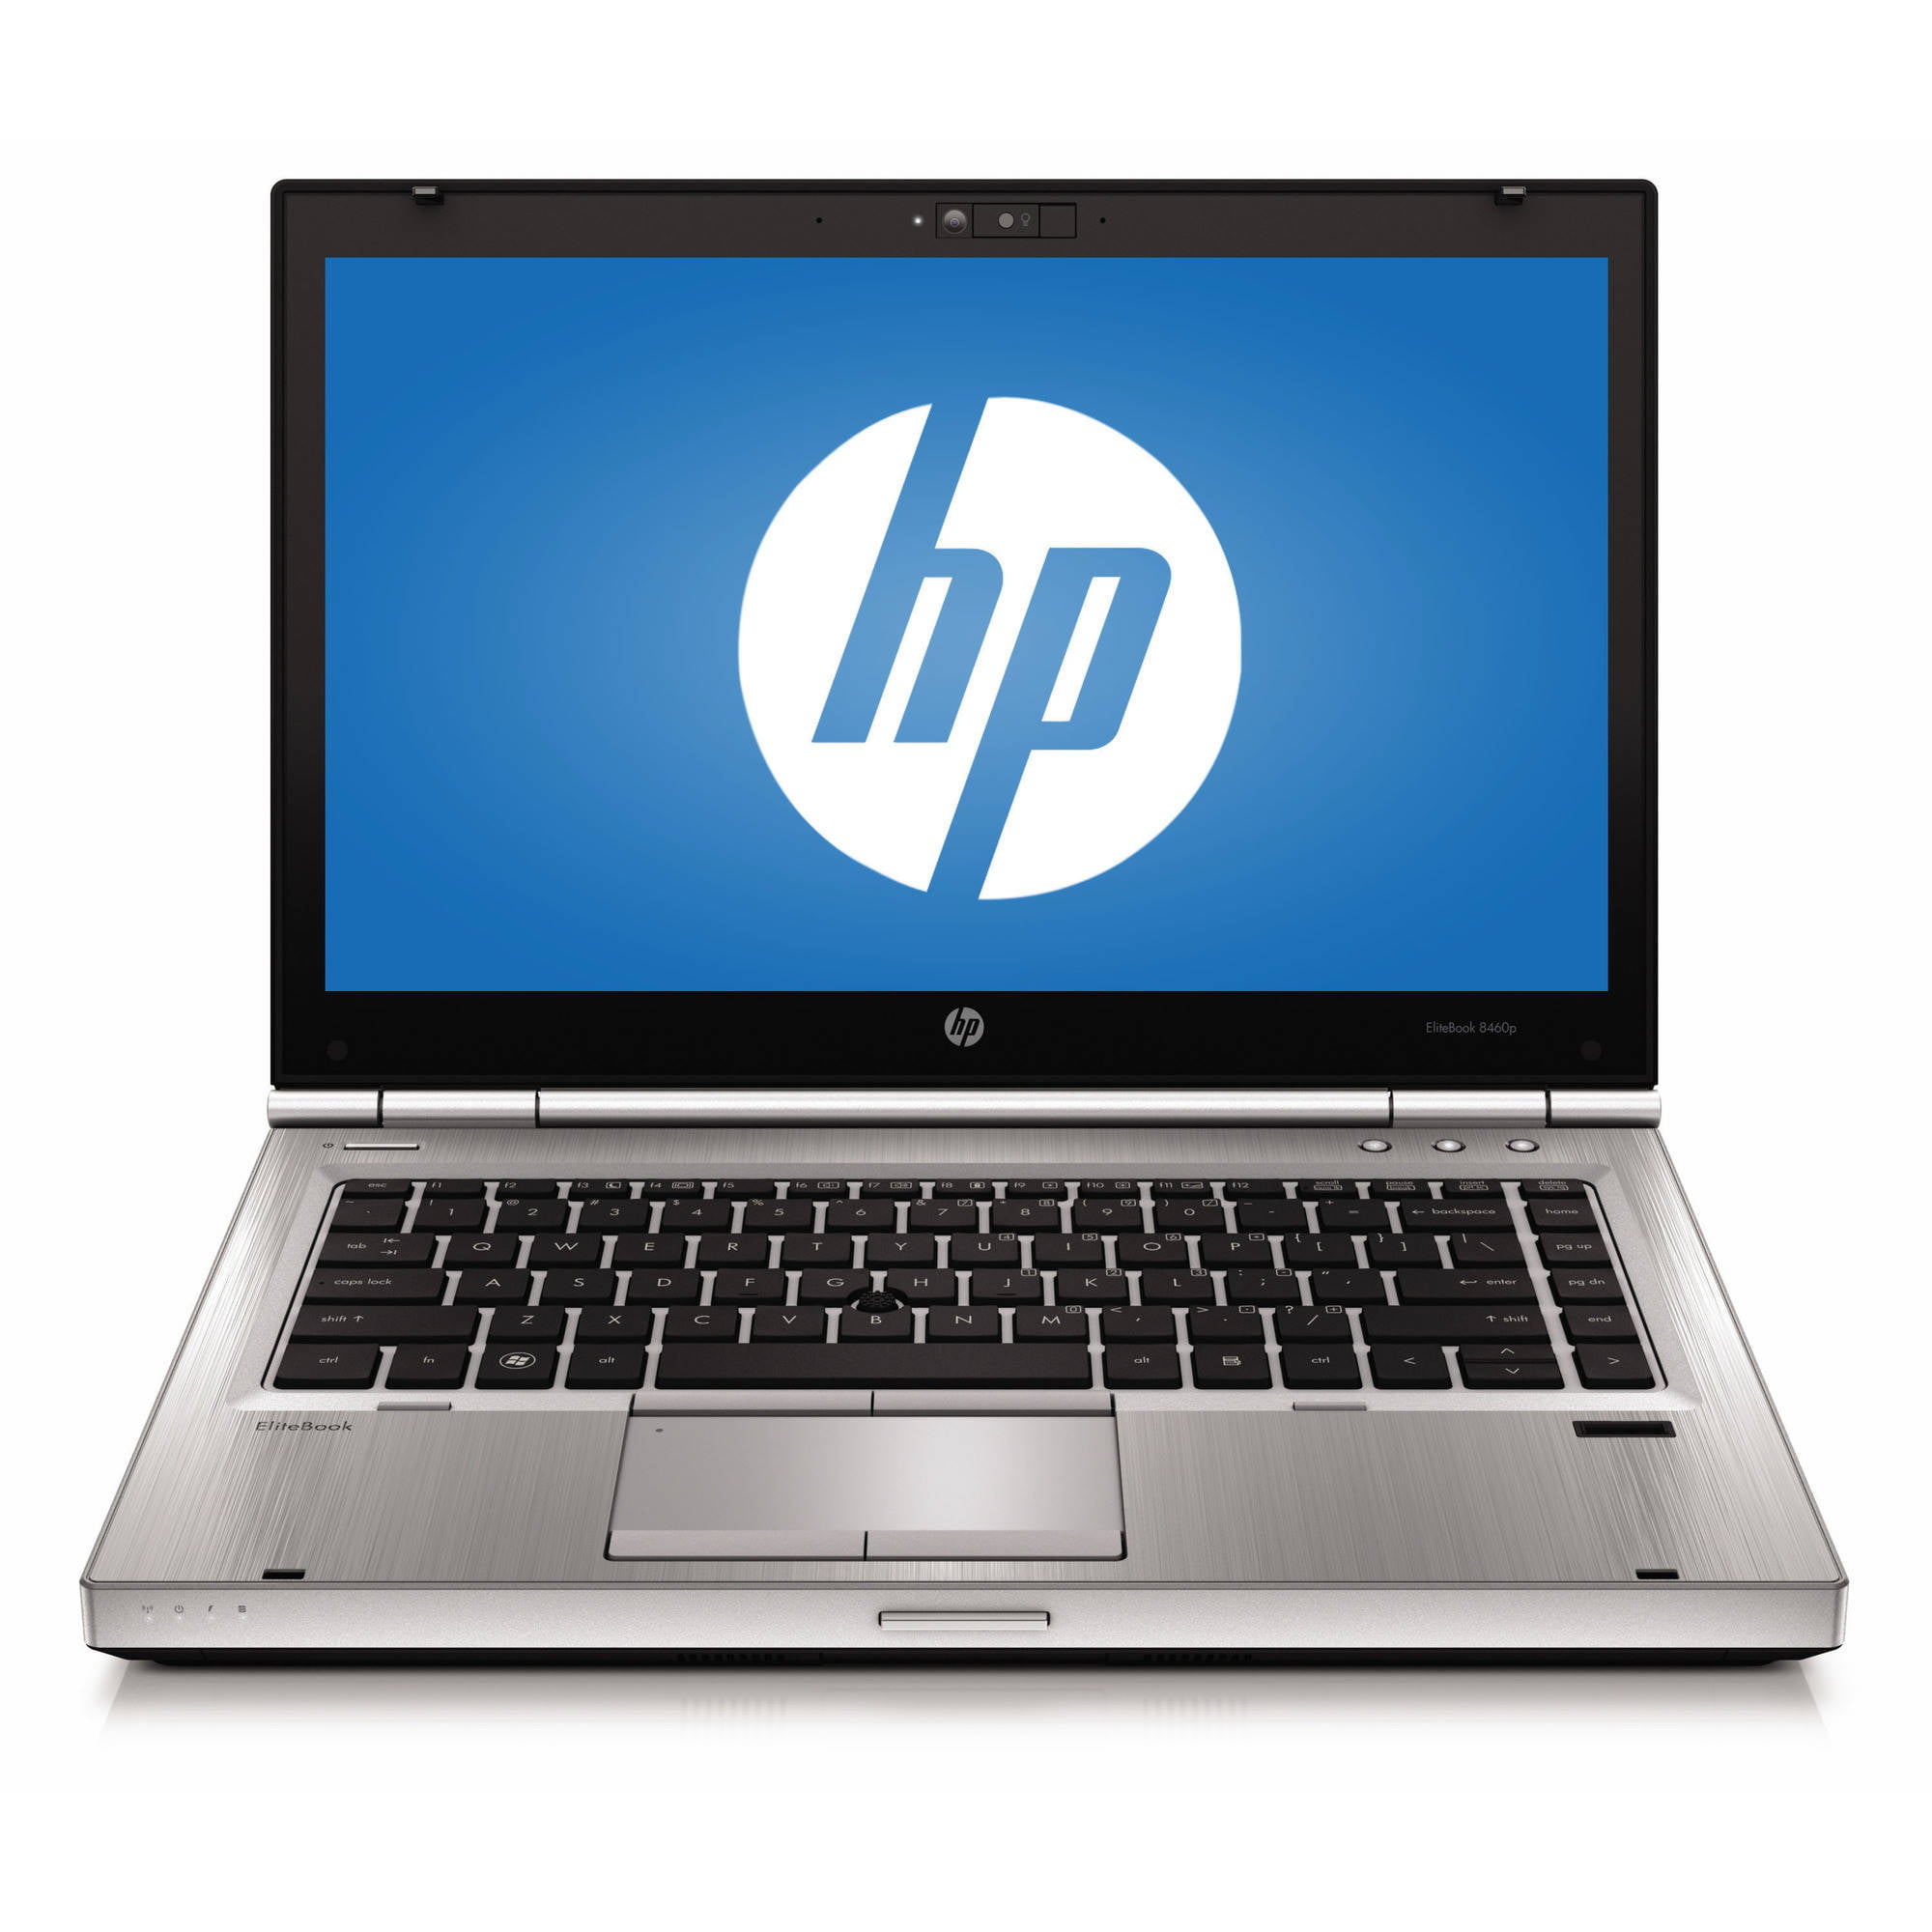 Refurbished Hp Elitebook 8460p 14 Laptop Windows 10 Pro Intel Core I5 2520m Processor 8gb Ram 500gb Hard Drive Walmart Com Walmart Com